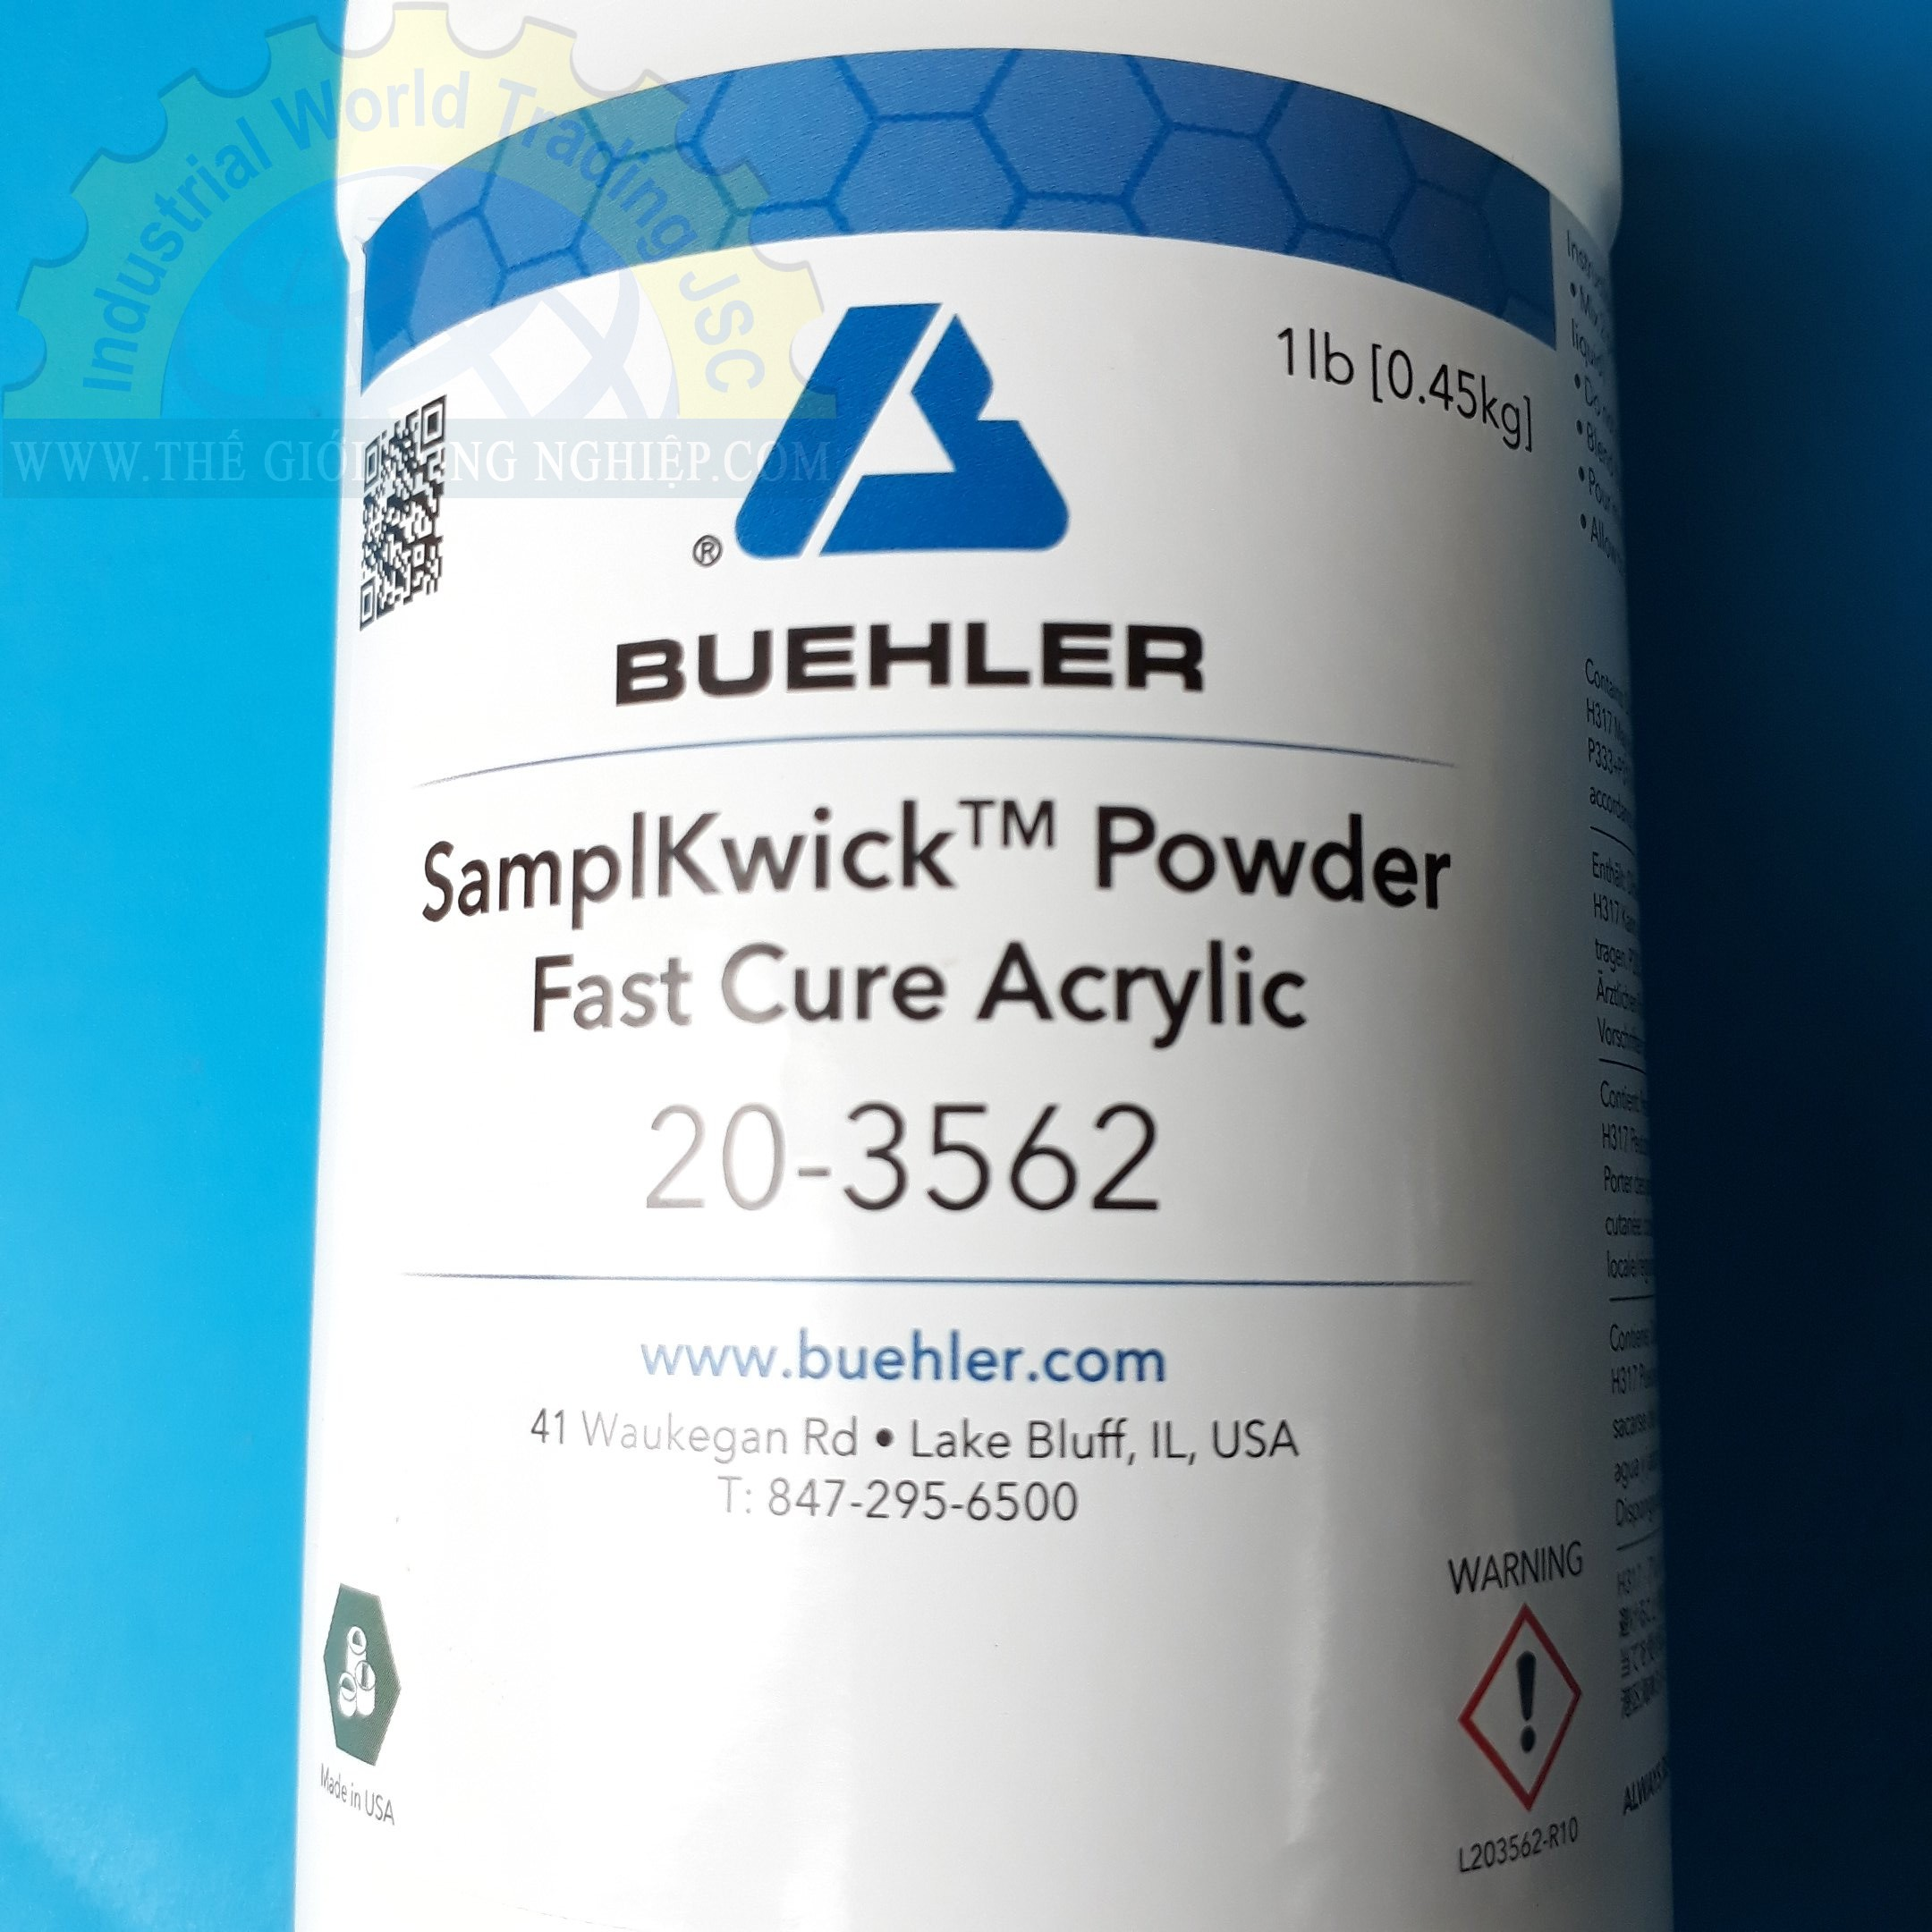 Nhựa đúc mẫu nguội hệ ACRYLIC dùng cho phòng thí nghiệm chuẩn bị mẫu   20-3562 Buehler